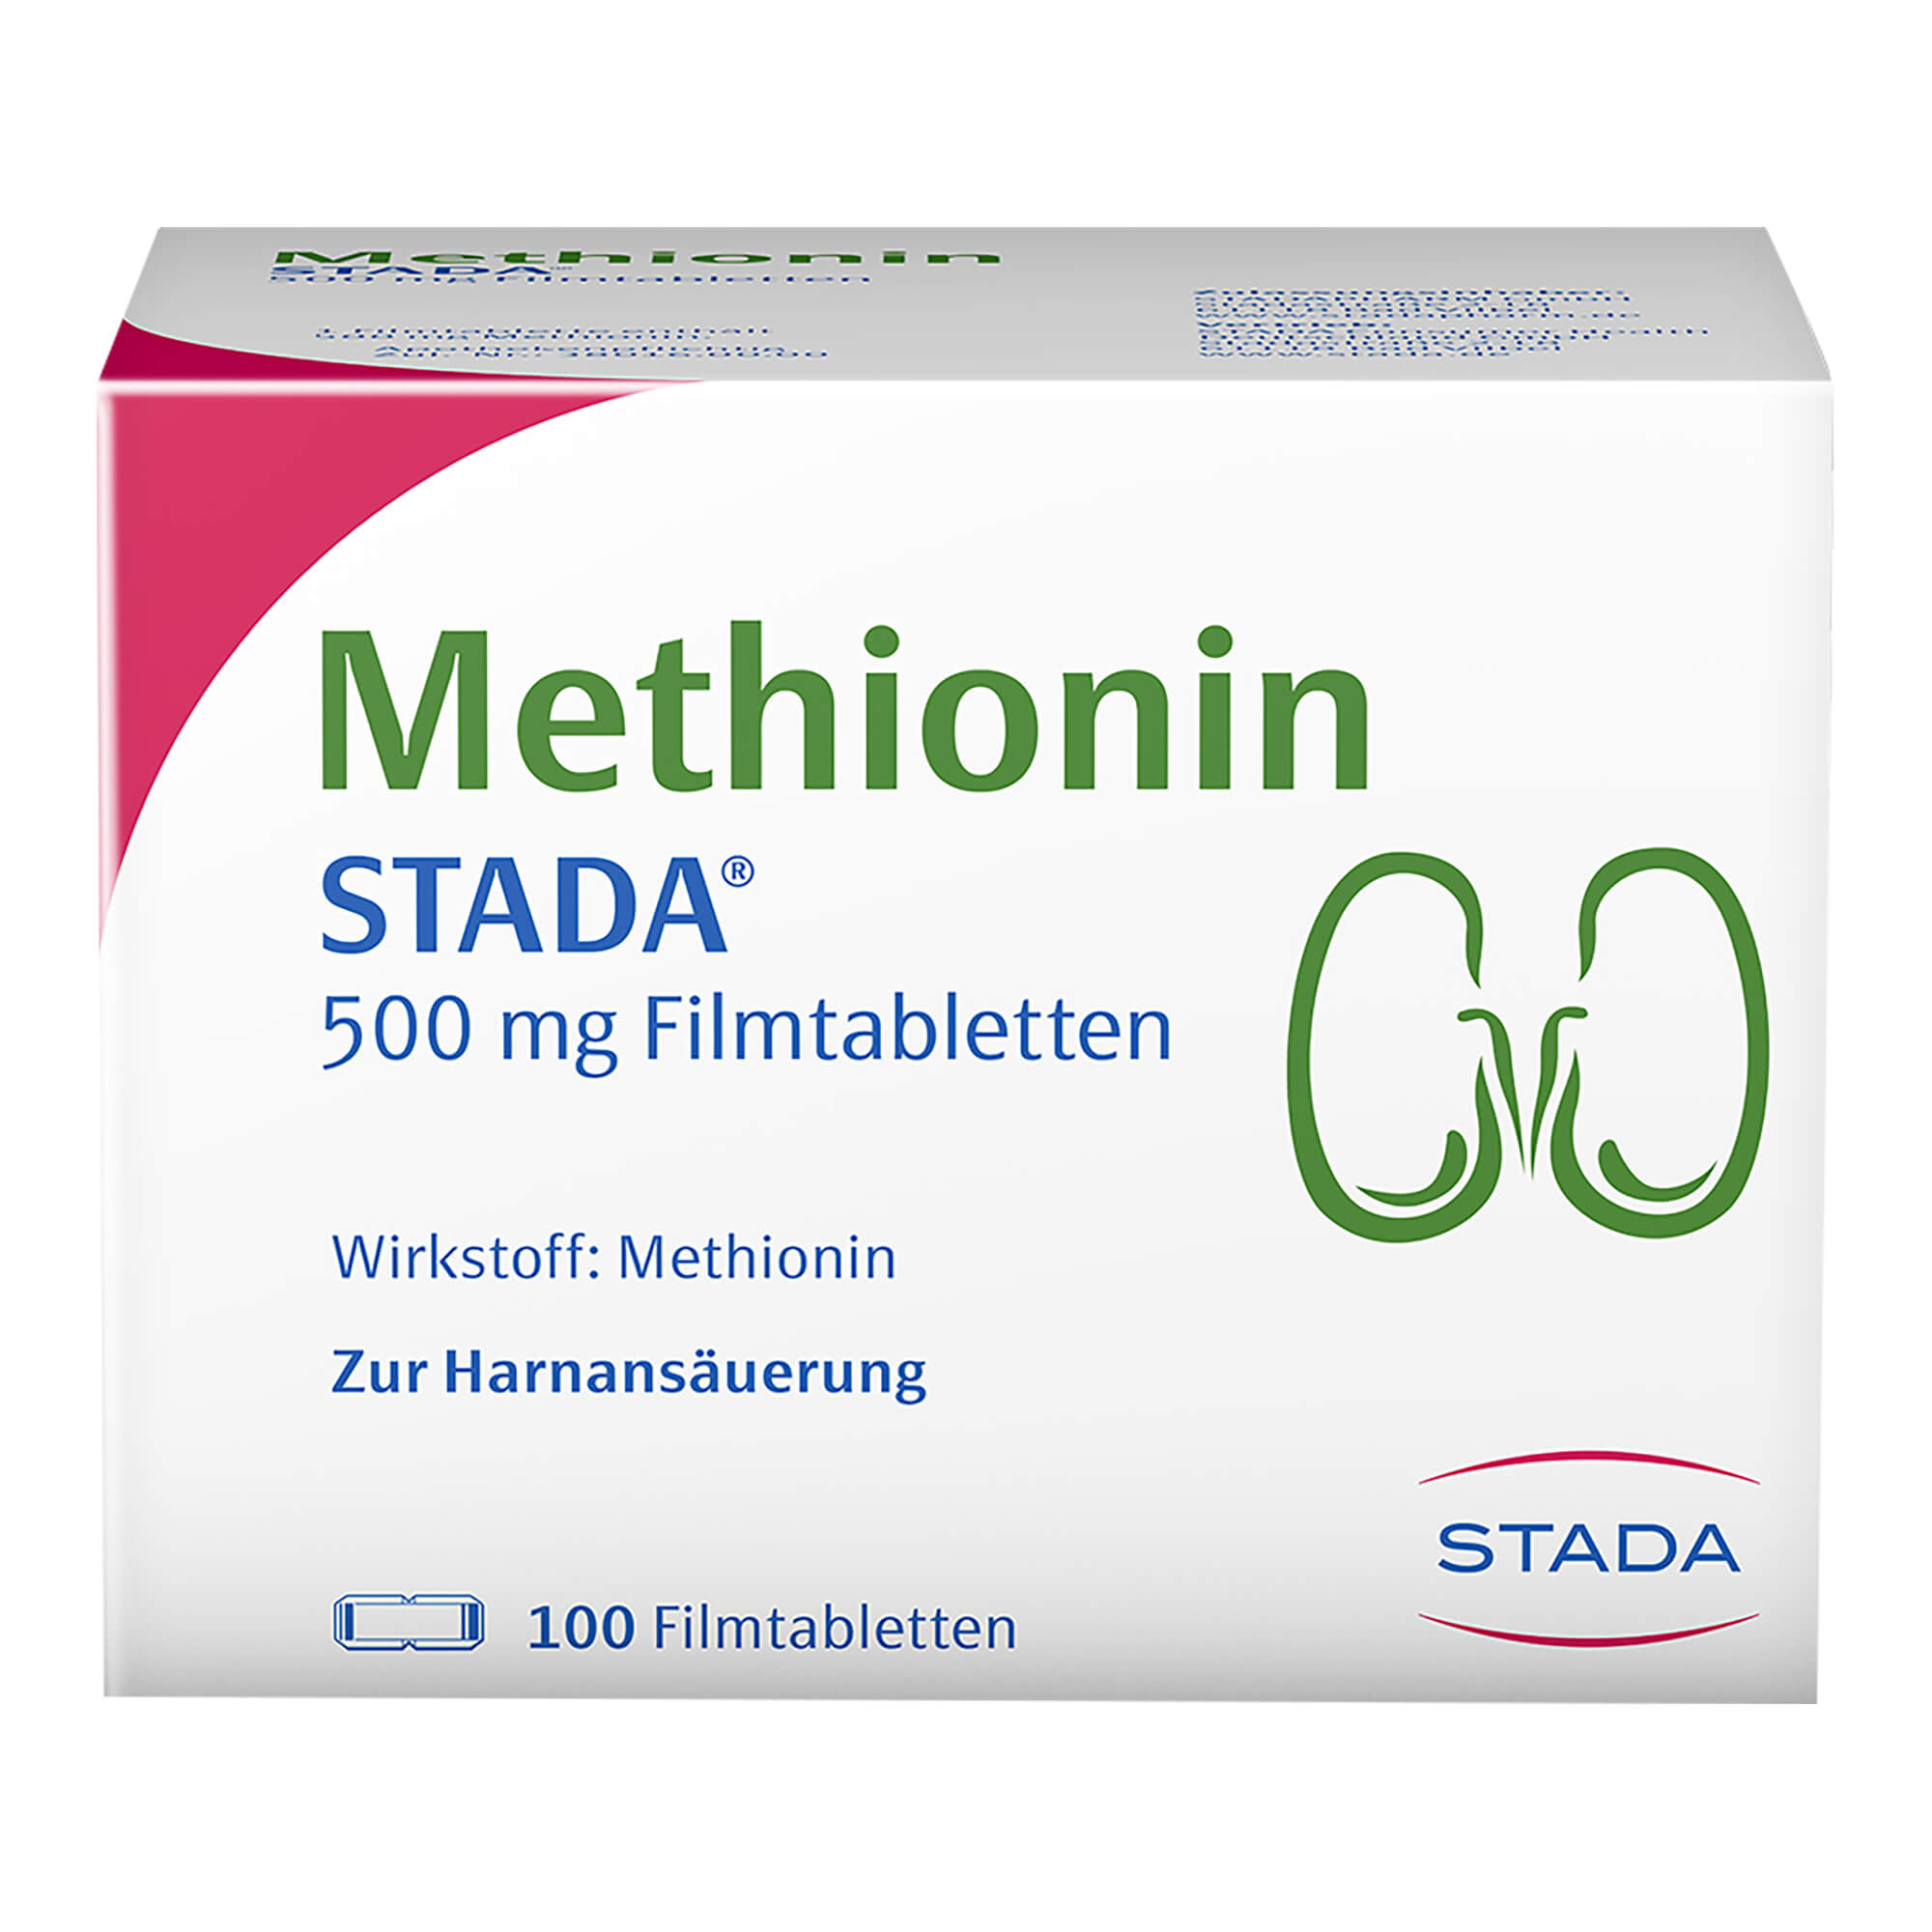 Methionin STADA 500 mg